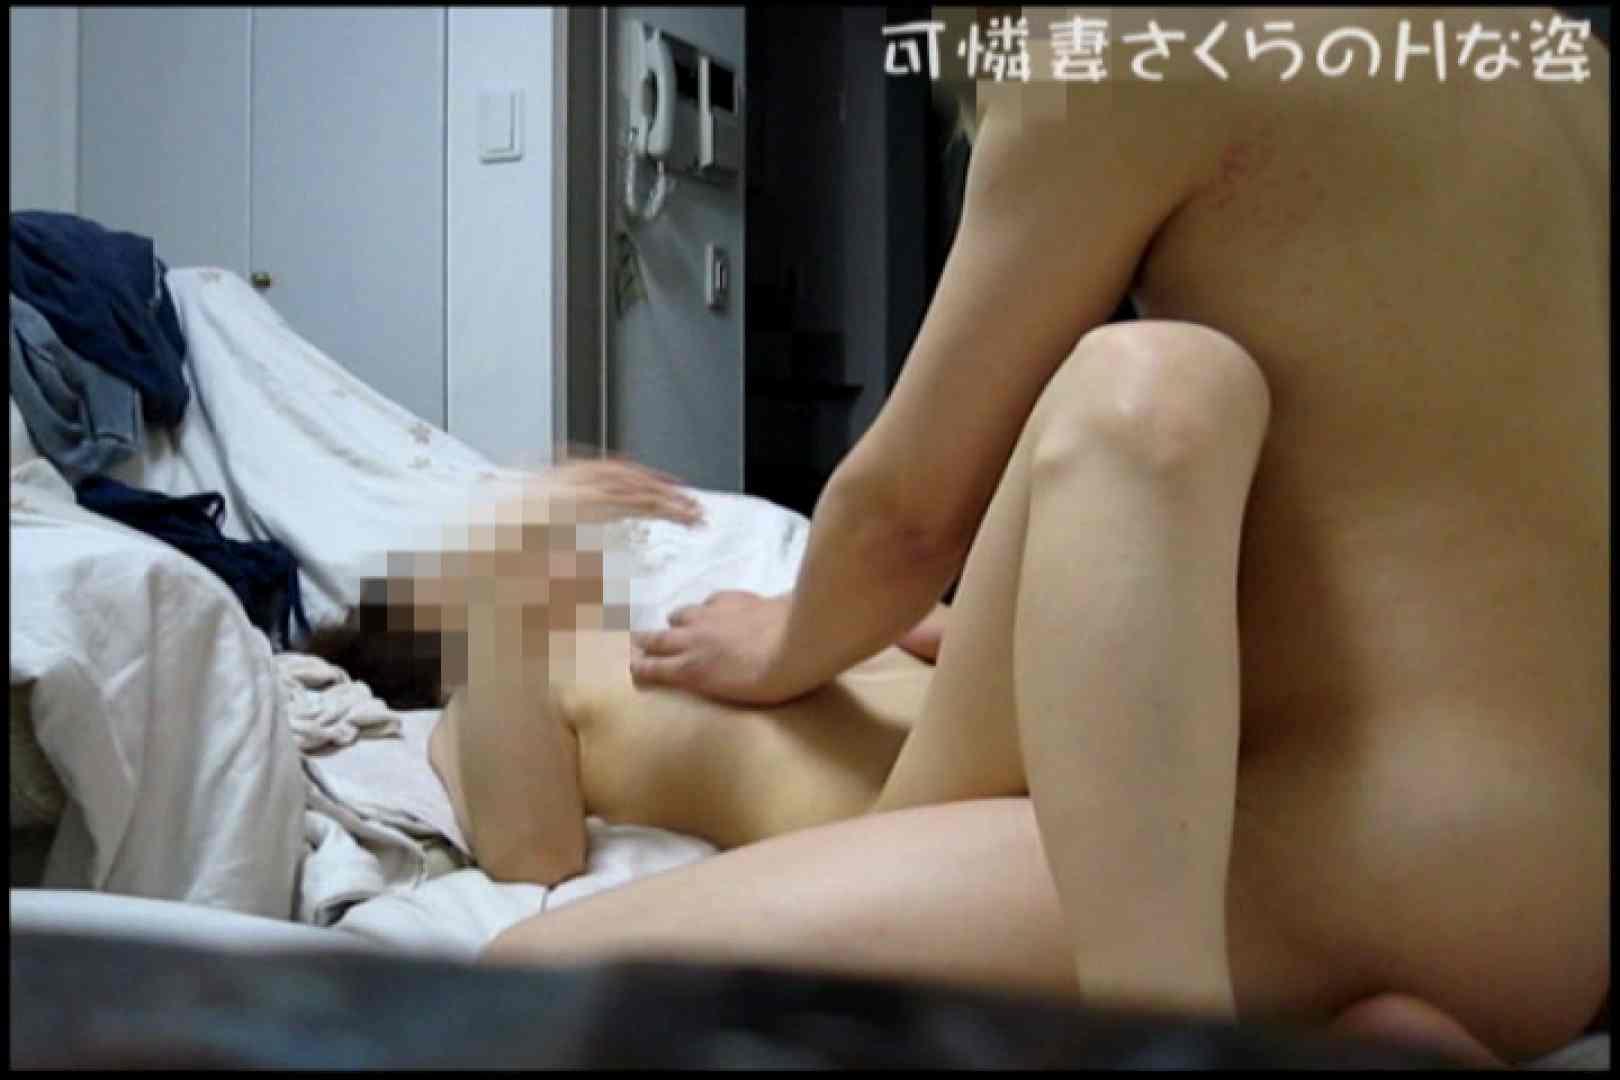 可憐妻さくらのHな姿vol.10 熟女 すけべAV動画紹介 109枚 101